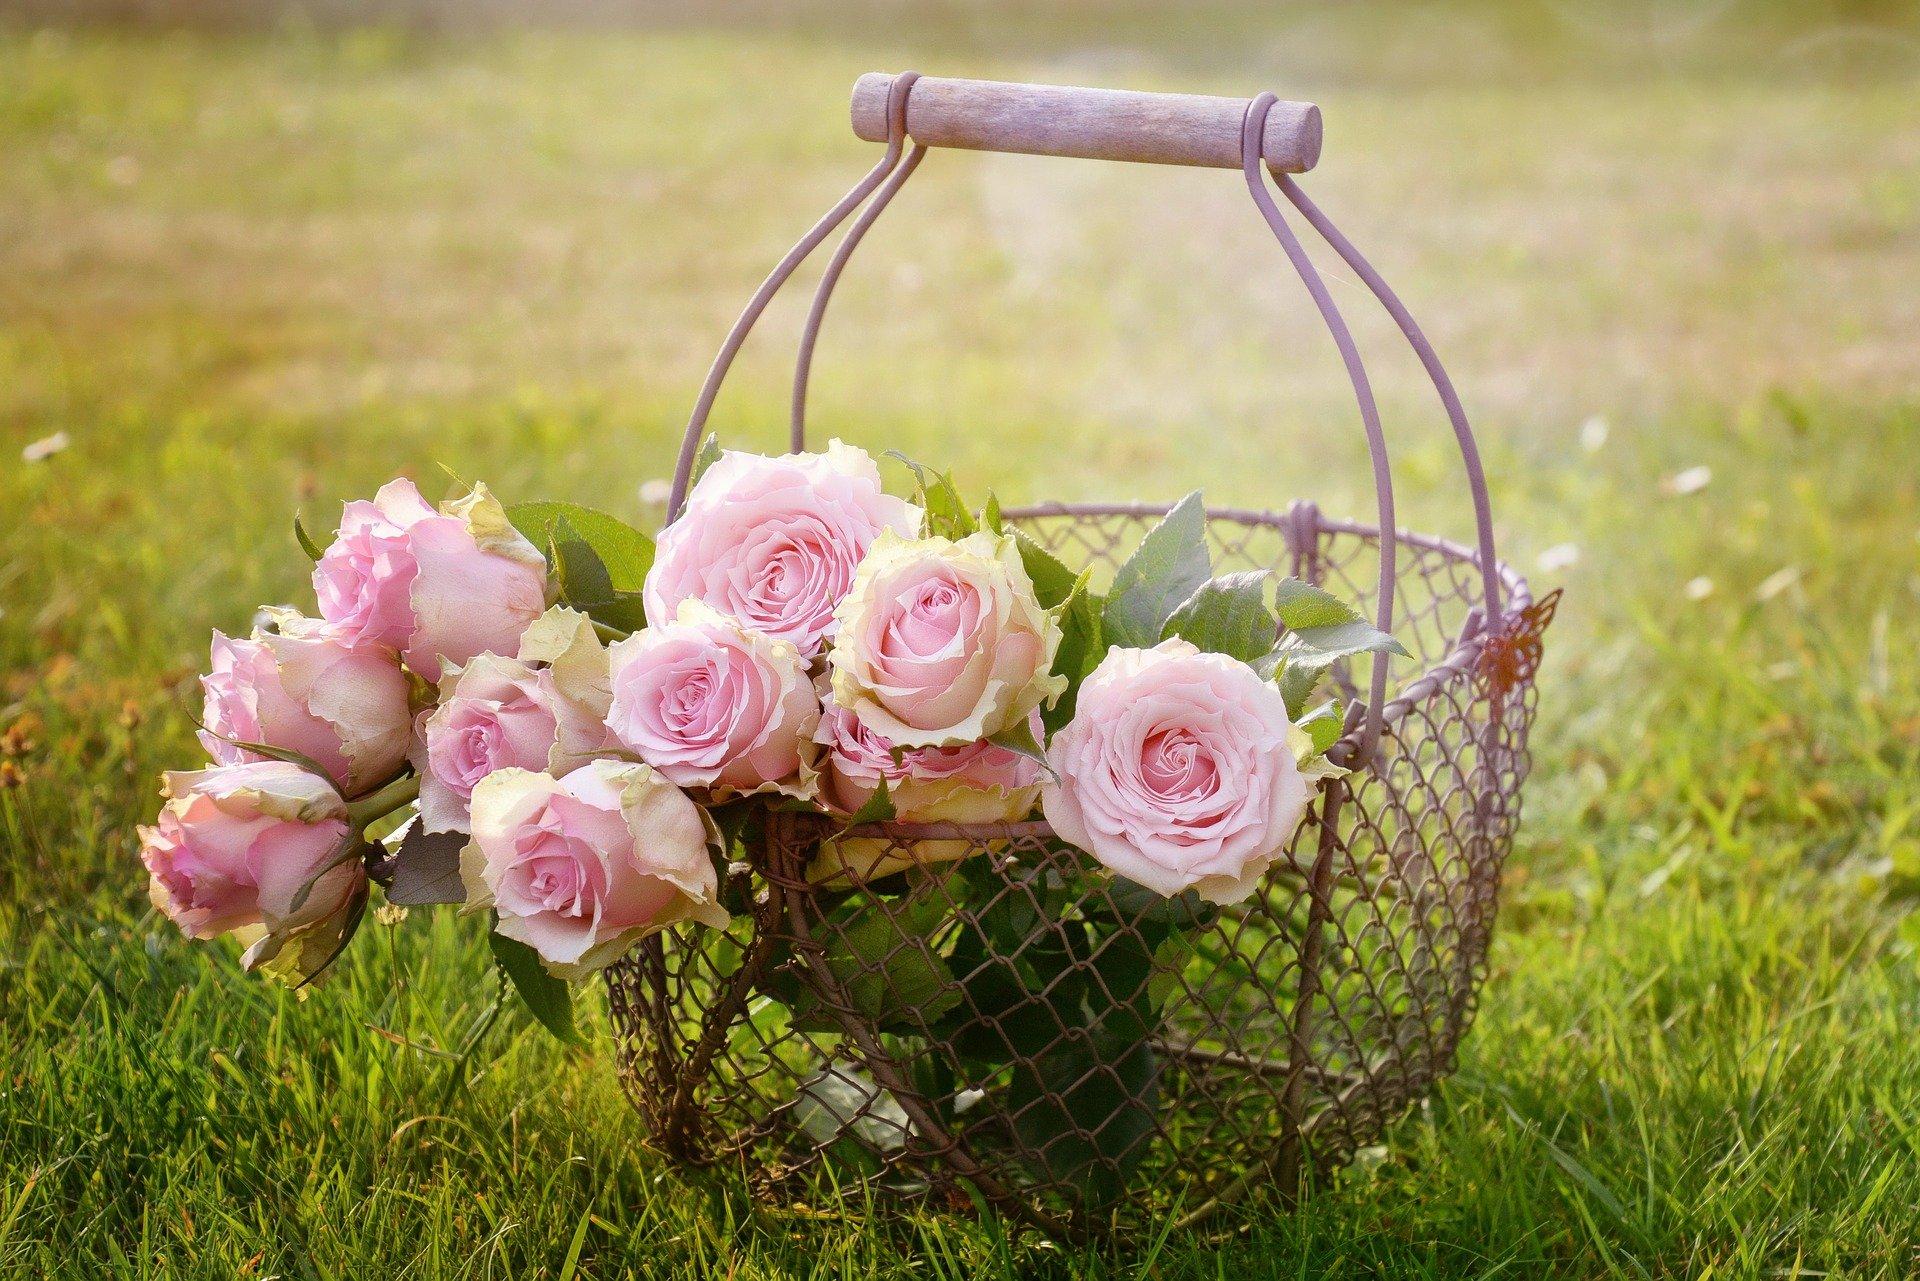 Ce flori sunt potrivite pentru a fi dăruite unei mirese? Maison d'Or este locul în care le găsești pe toate